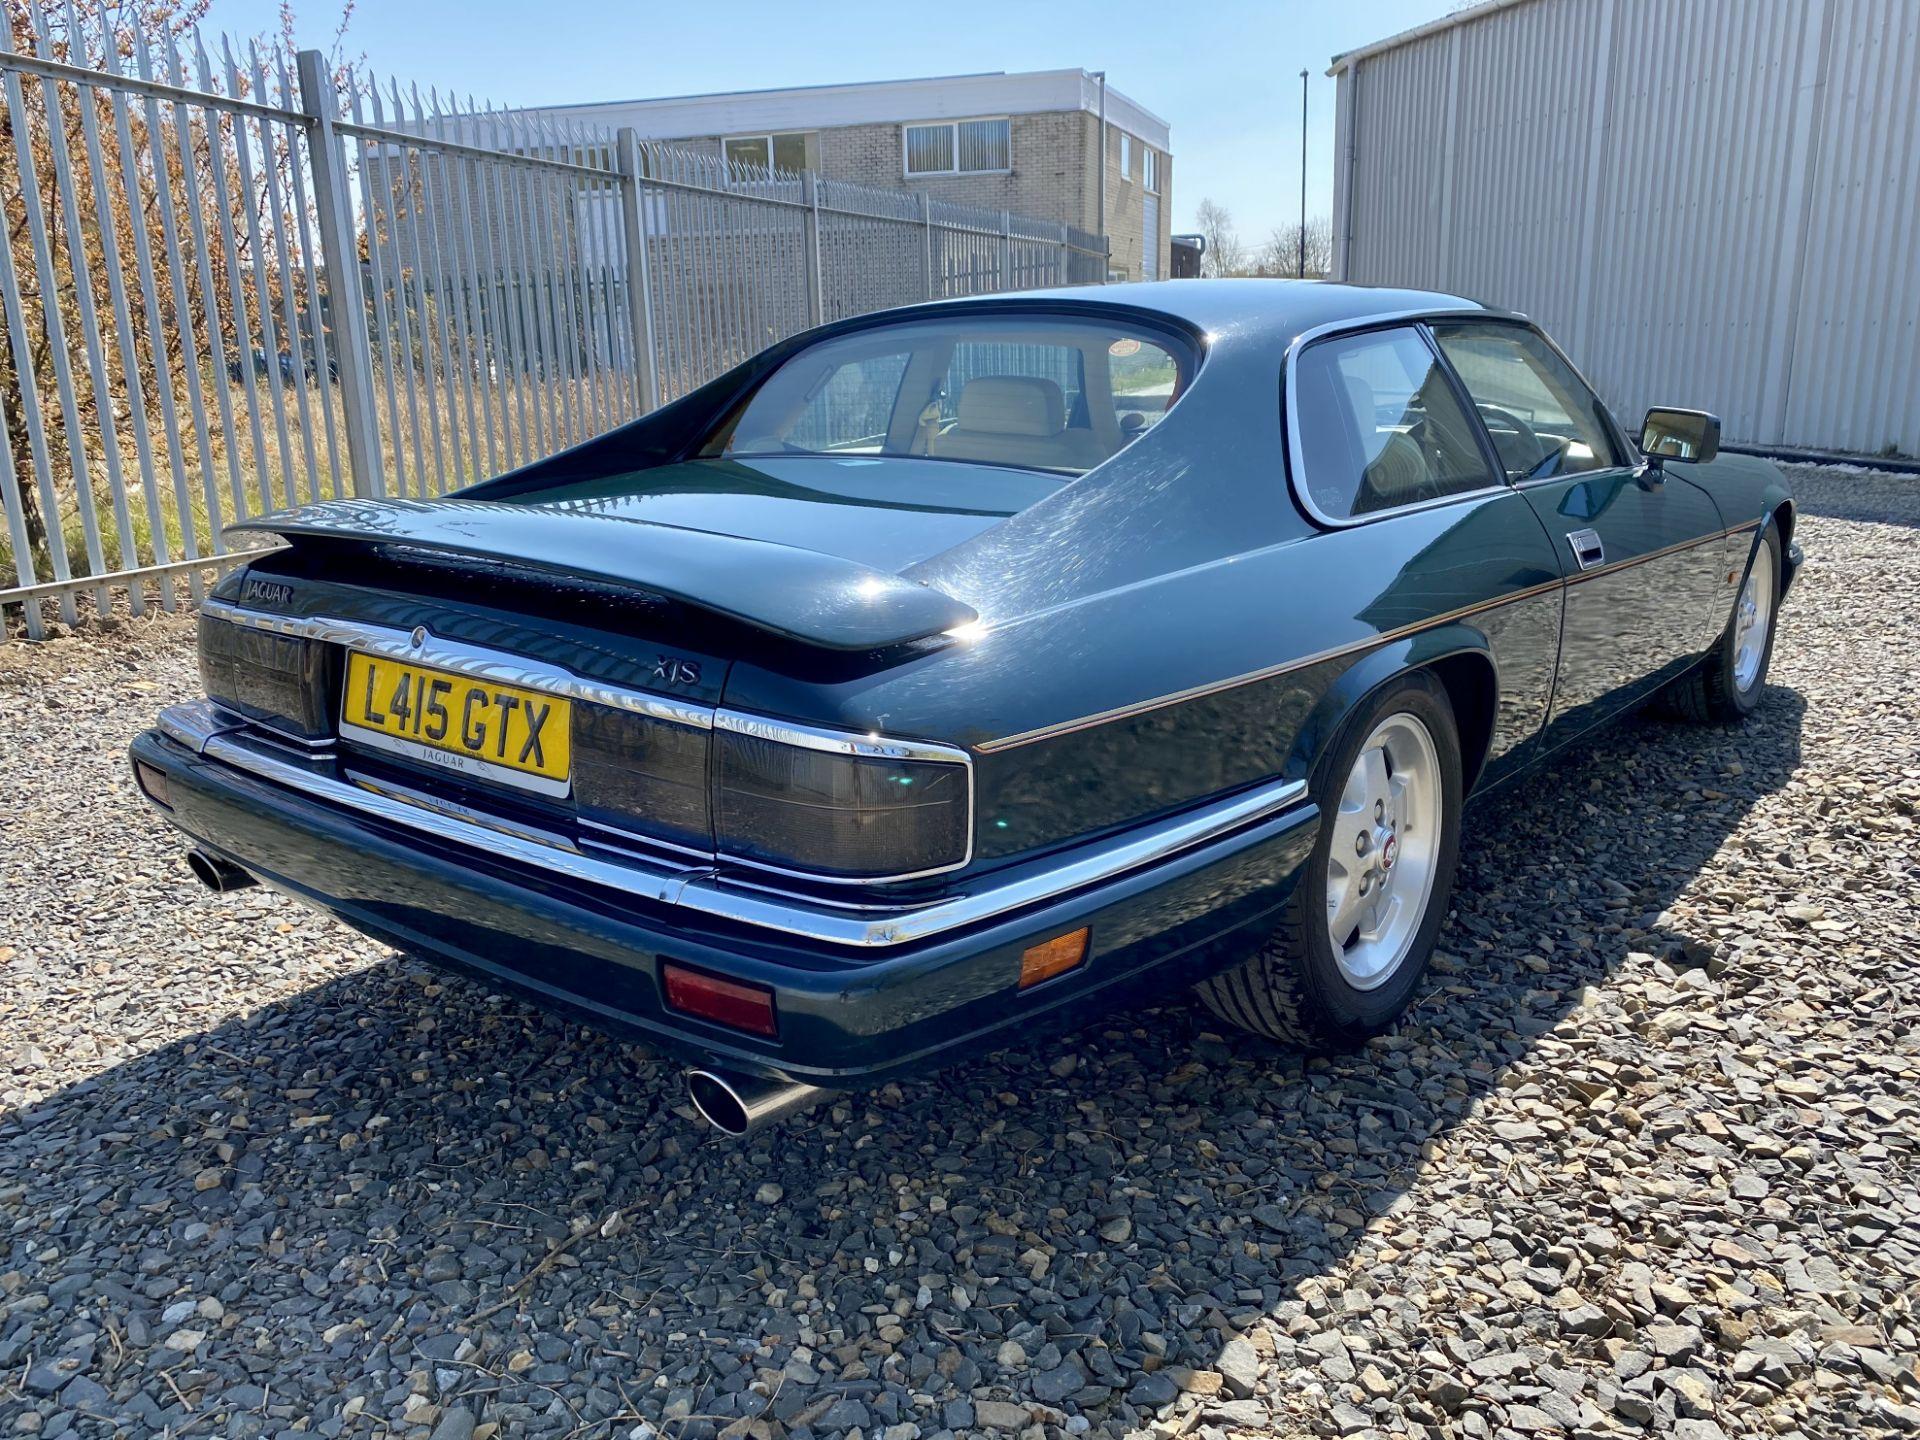 Jaguar XJS coupe - Image 24 of 64